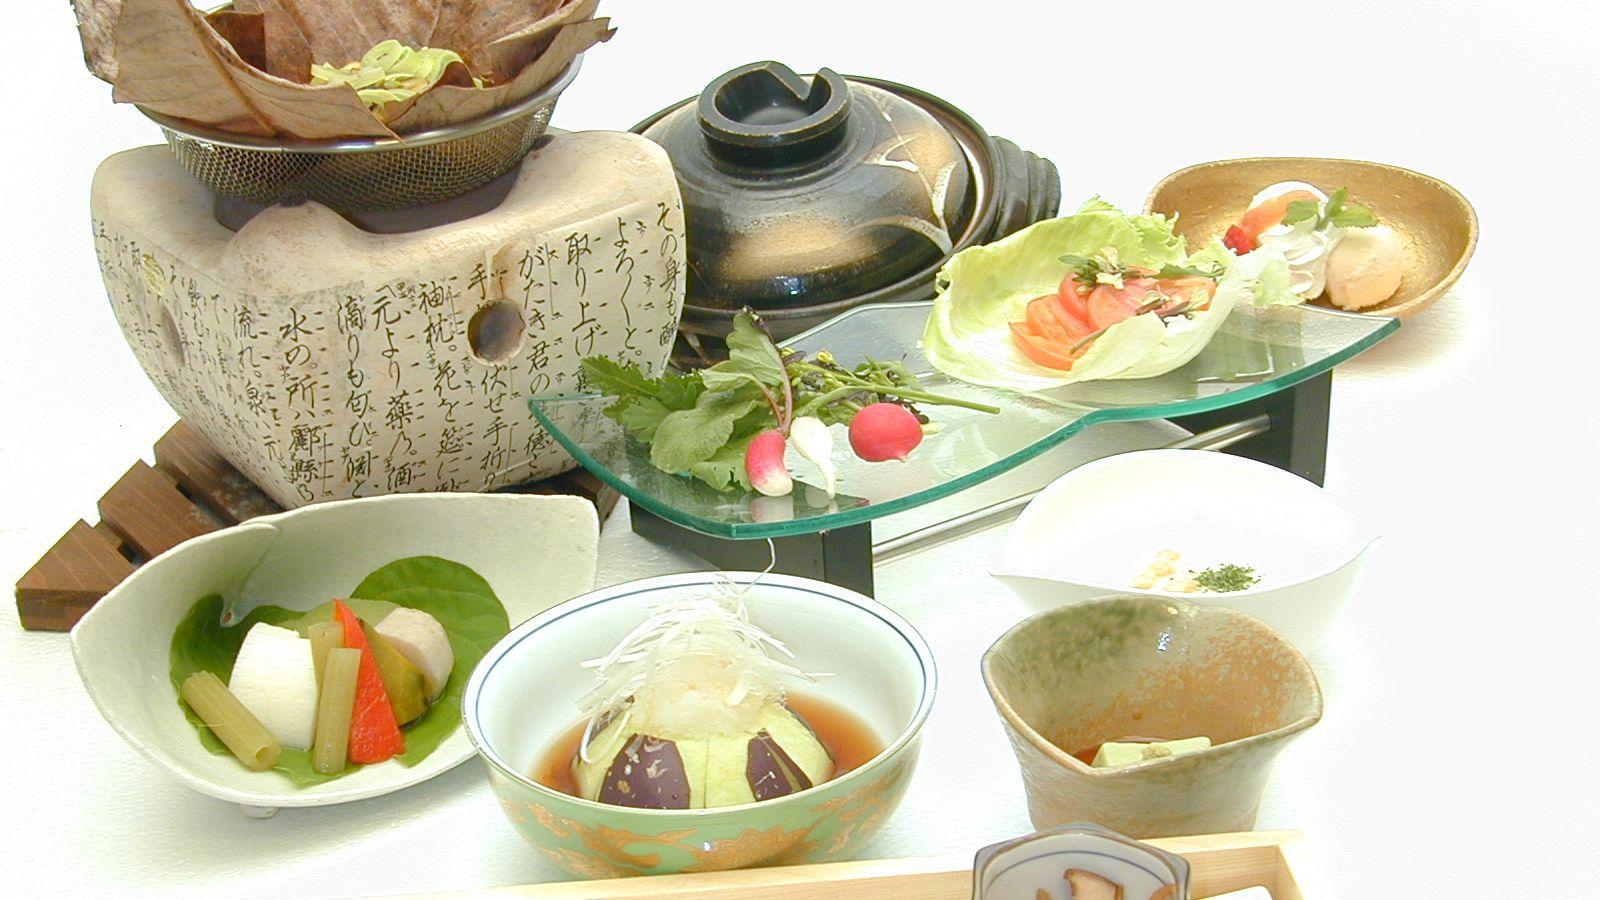 【食事】創作野菜会席